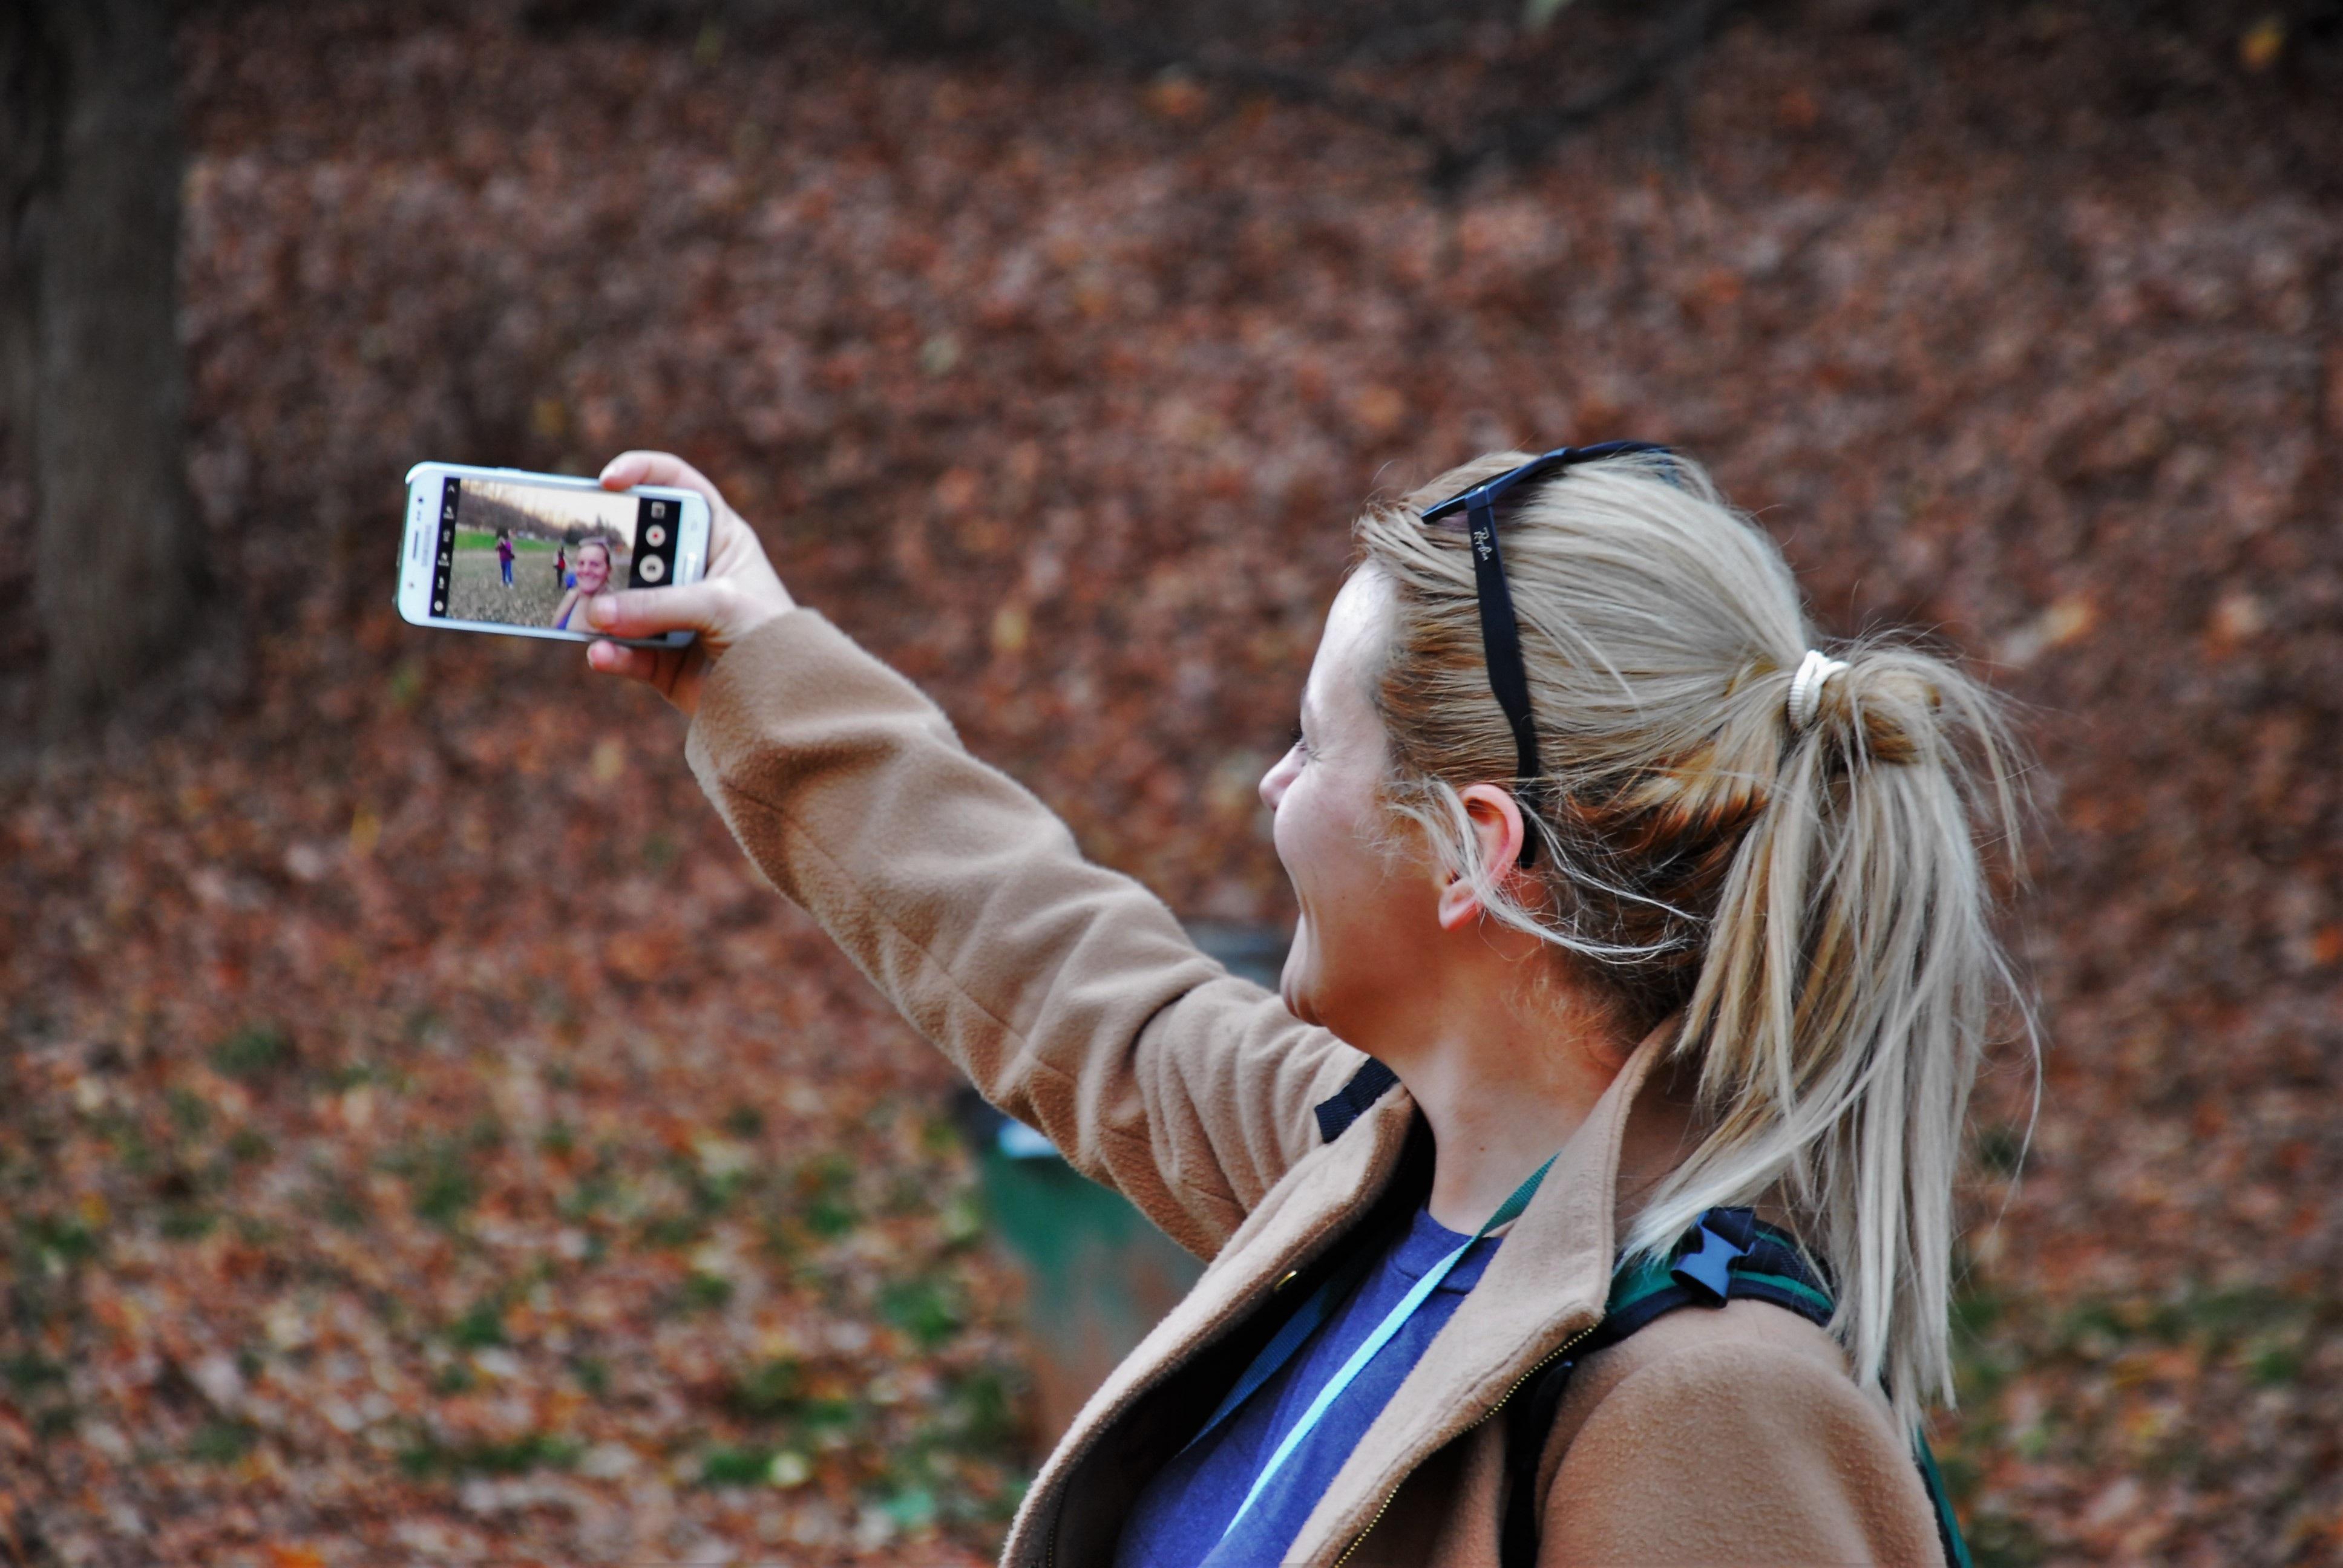 Perfekte Selfies mit Hilfe der Wissenschaft